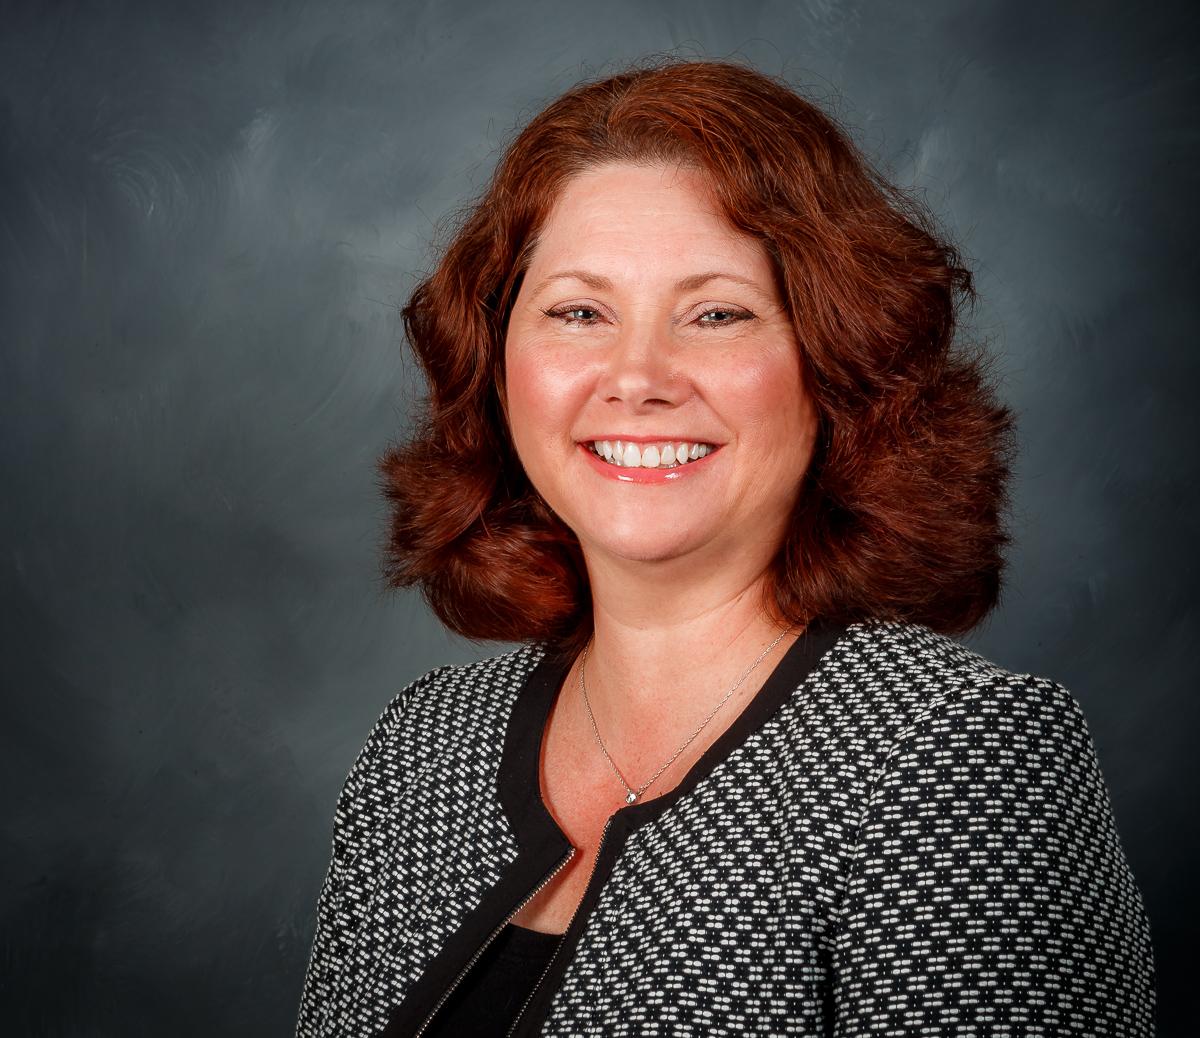 Headshot portrait of Carlene Van Patten